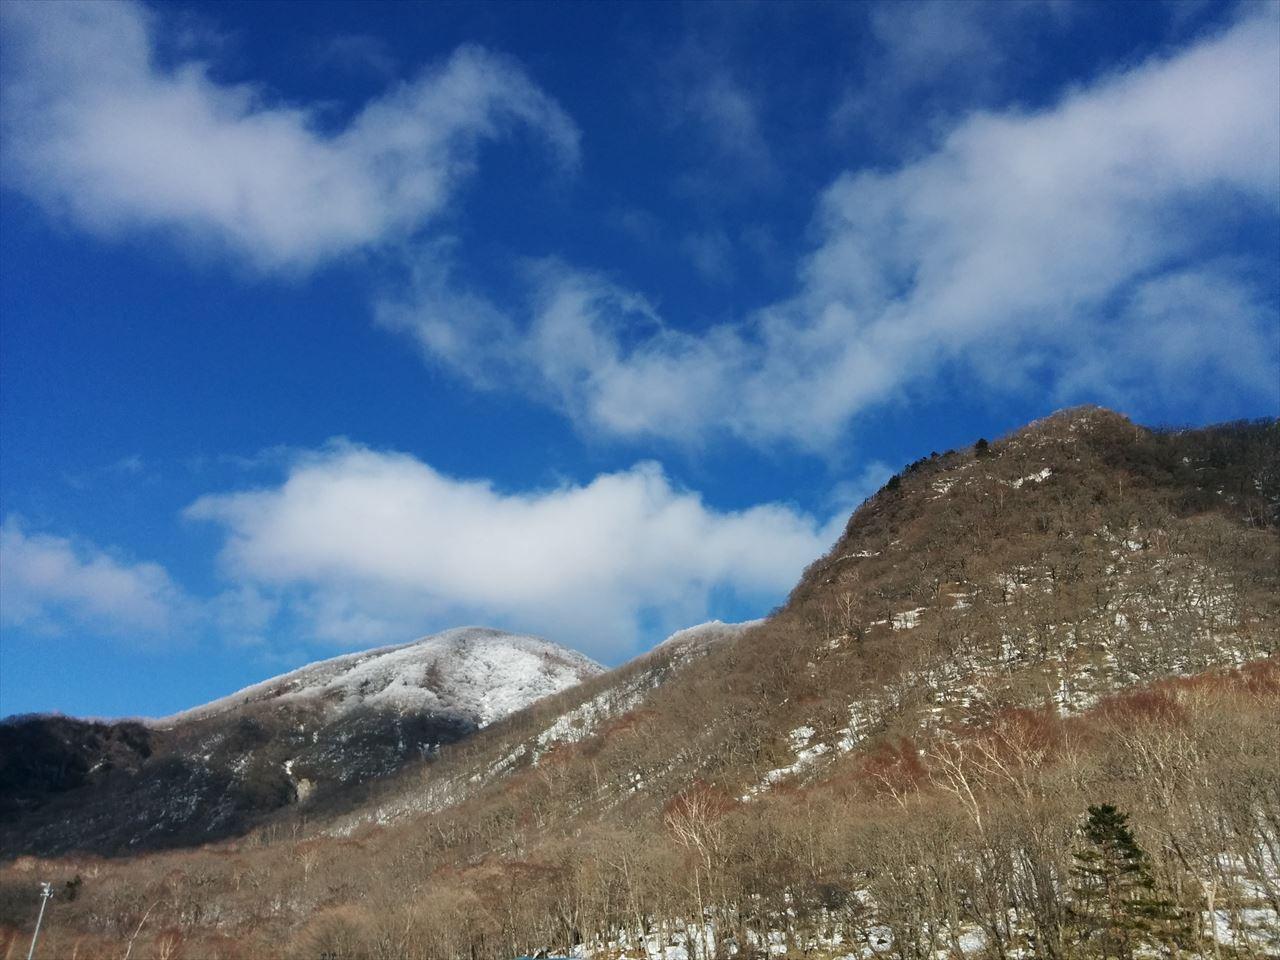 赤城山 雪山登山(黒檜山~駒ヶ岳) 景趣名勝の雪山入門コースで行く雪遊びの旅(2016.2.21)